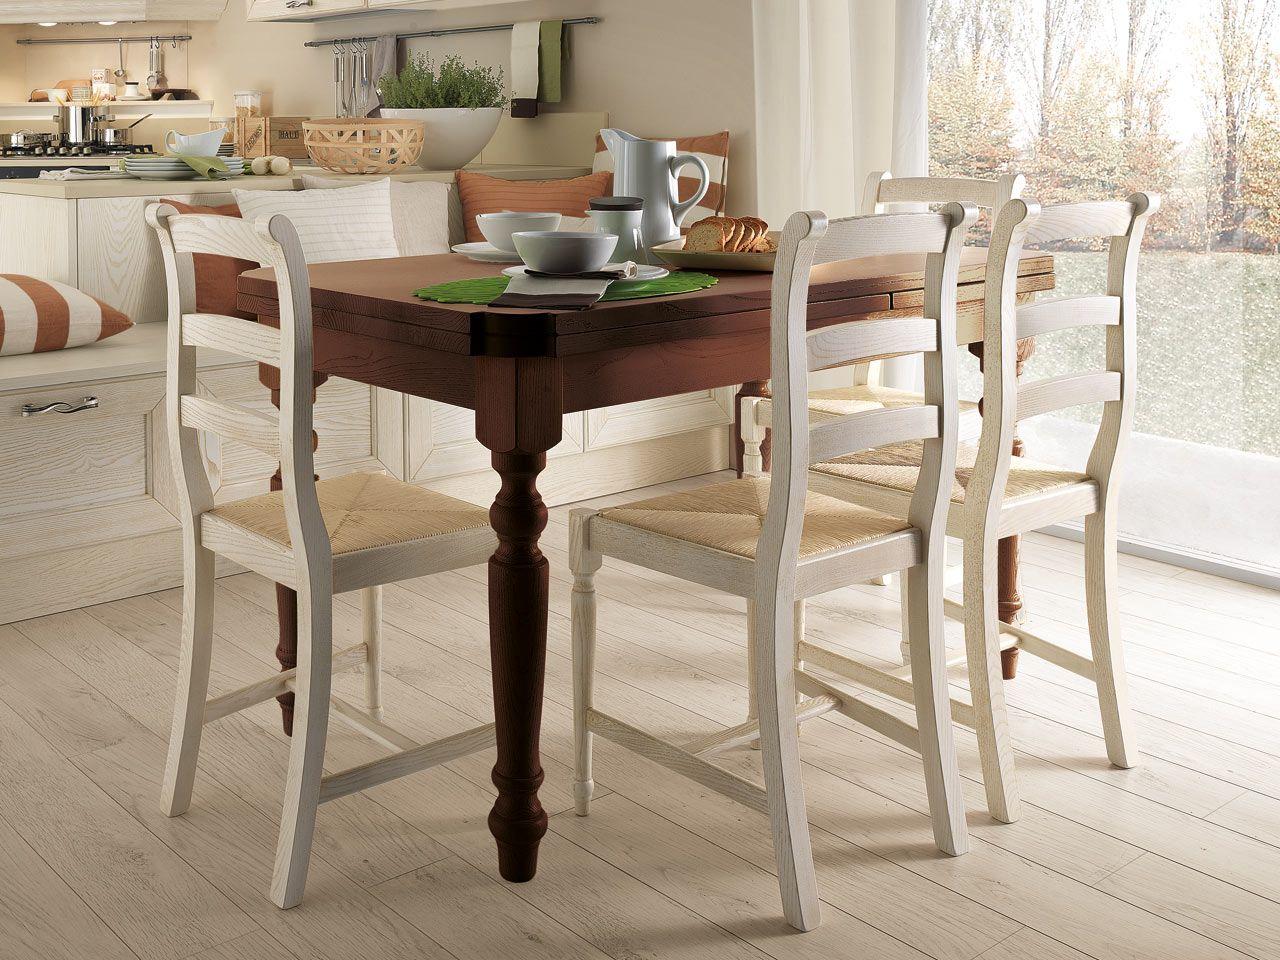 Claudia Table And Chairs Cucine Lube Arredamento Arredamento Casa Piegare Asciugamani Da Bagno